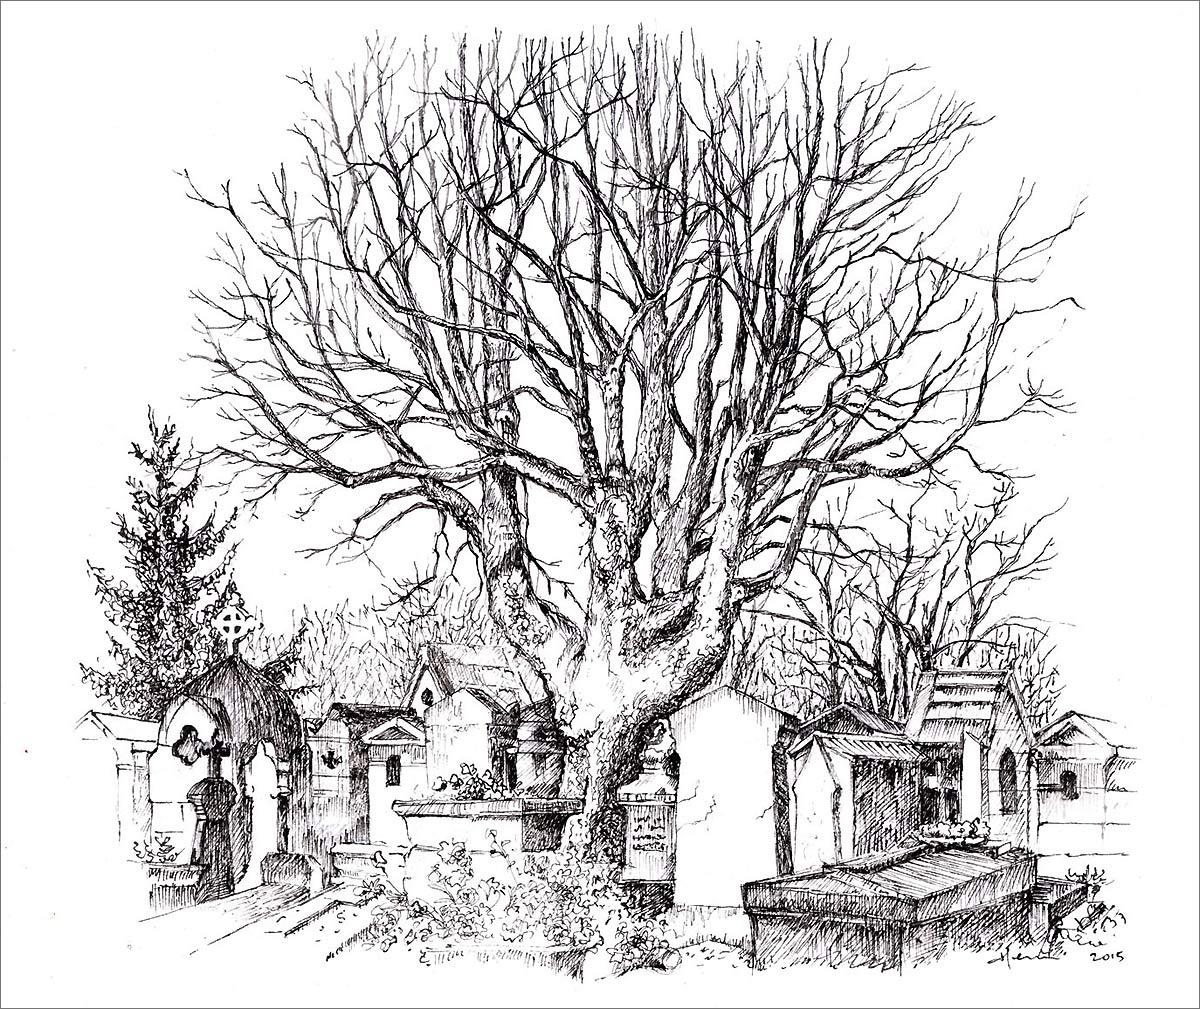 Henri Blanc dessins à la plume - tree ink drawing cimetiere Montmartre Paris arbre